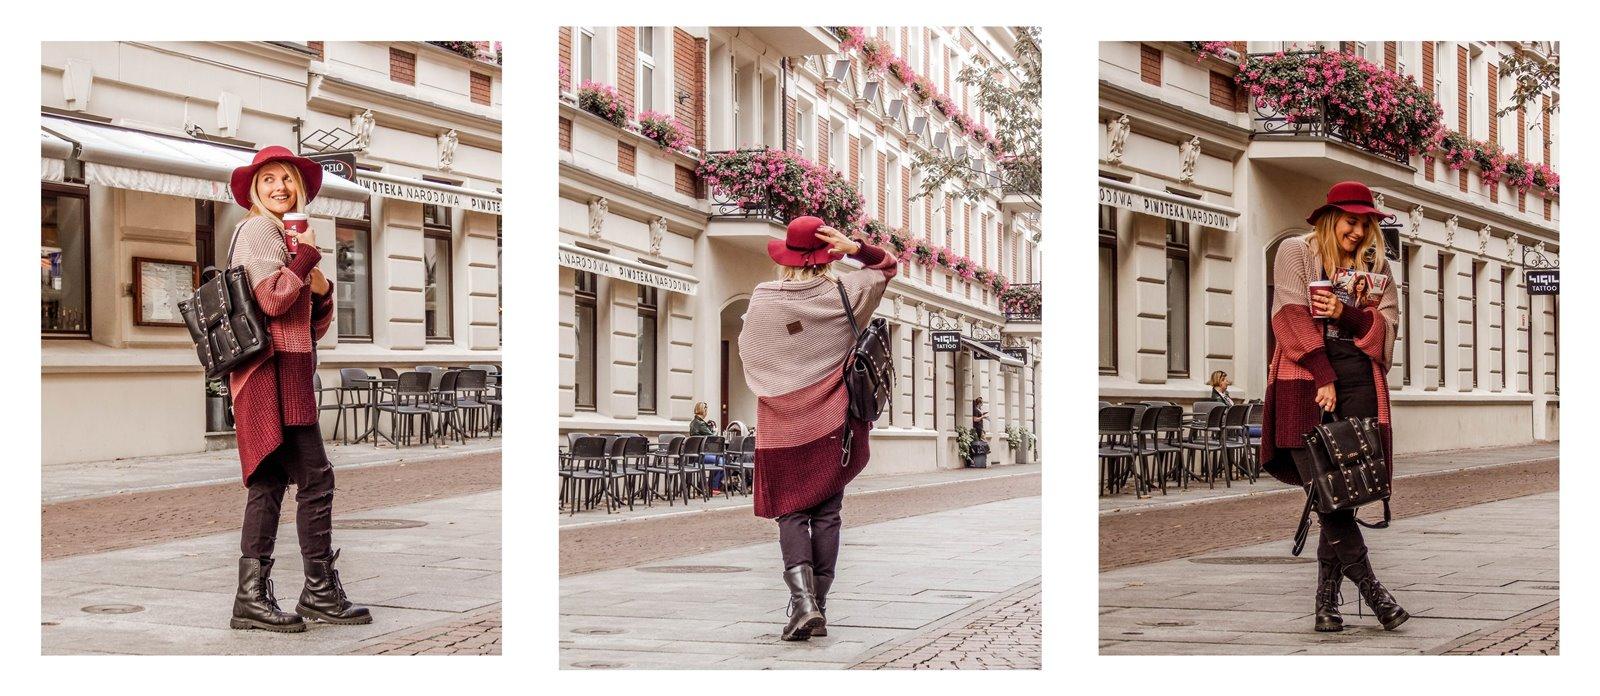 7a kardigan sweter w paski czerwony kapelusz bordowy sweter długi czarne spodnie z dziurami miejski street style styl outfit moda inspiracje pomysły łódź fotografia blog influencer modowe blogerki lifestyle podróż